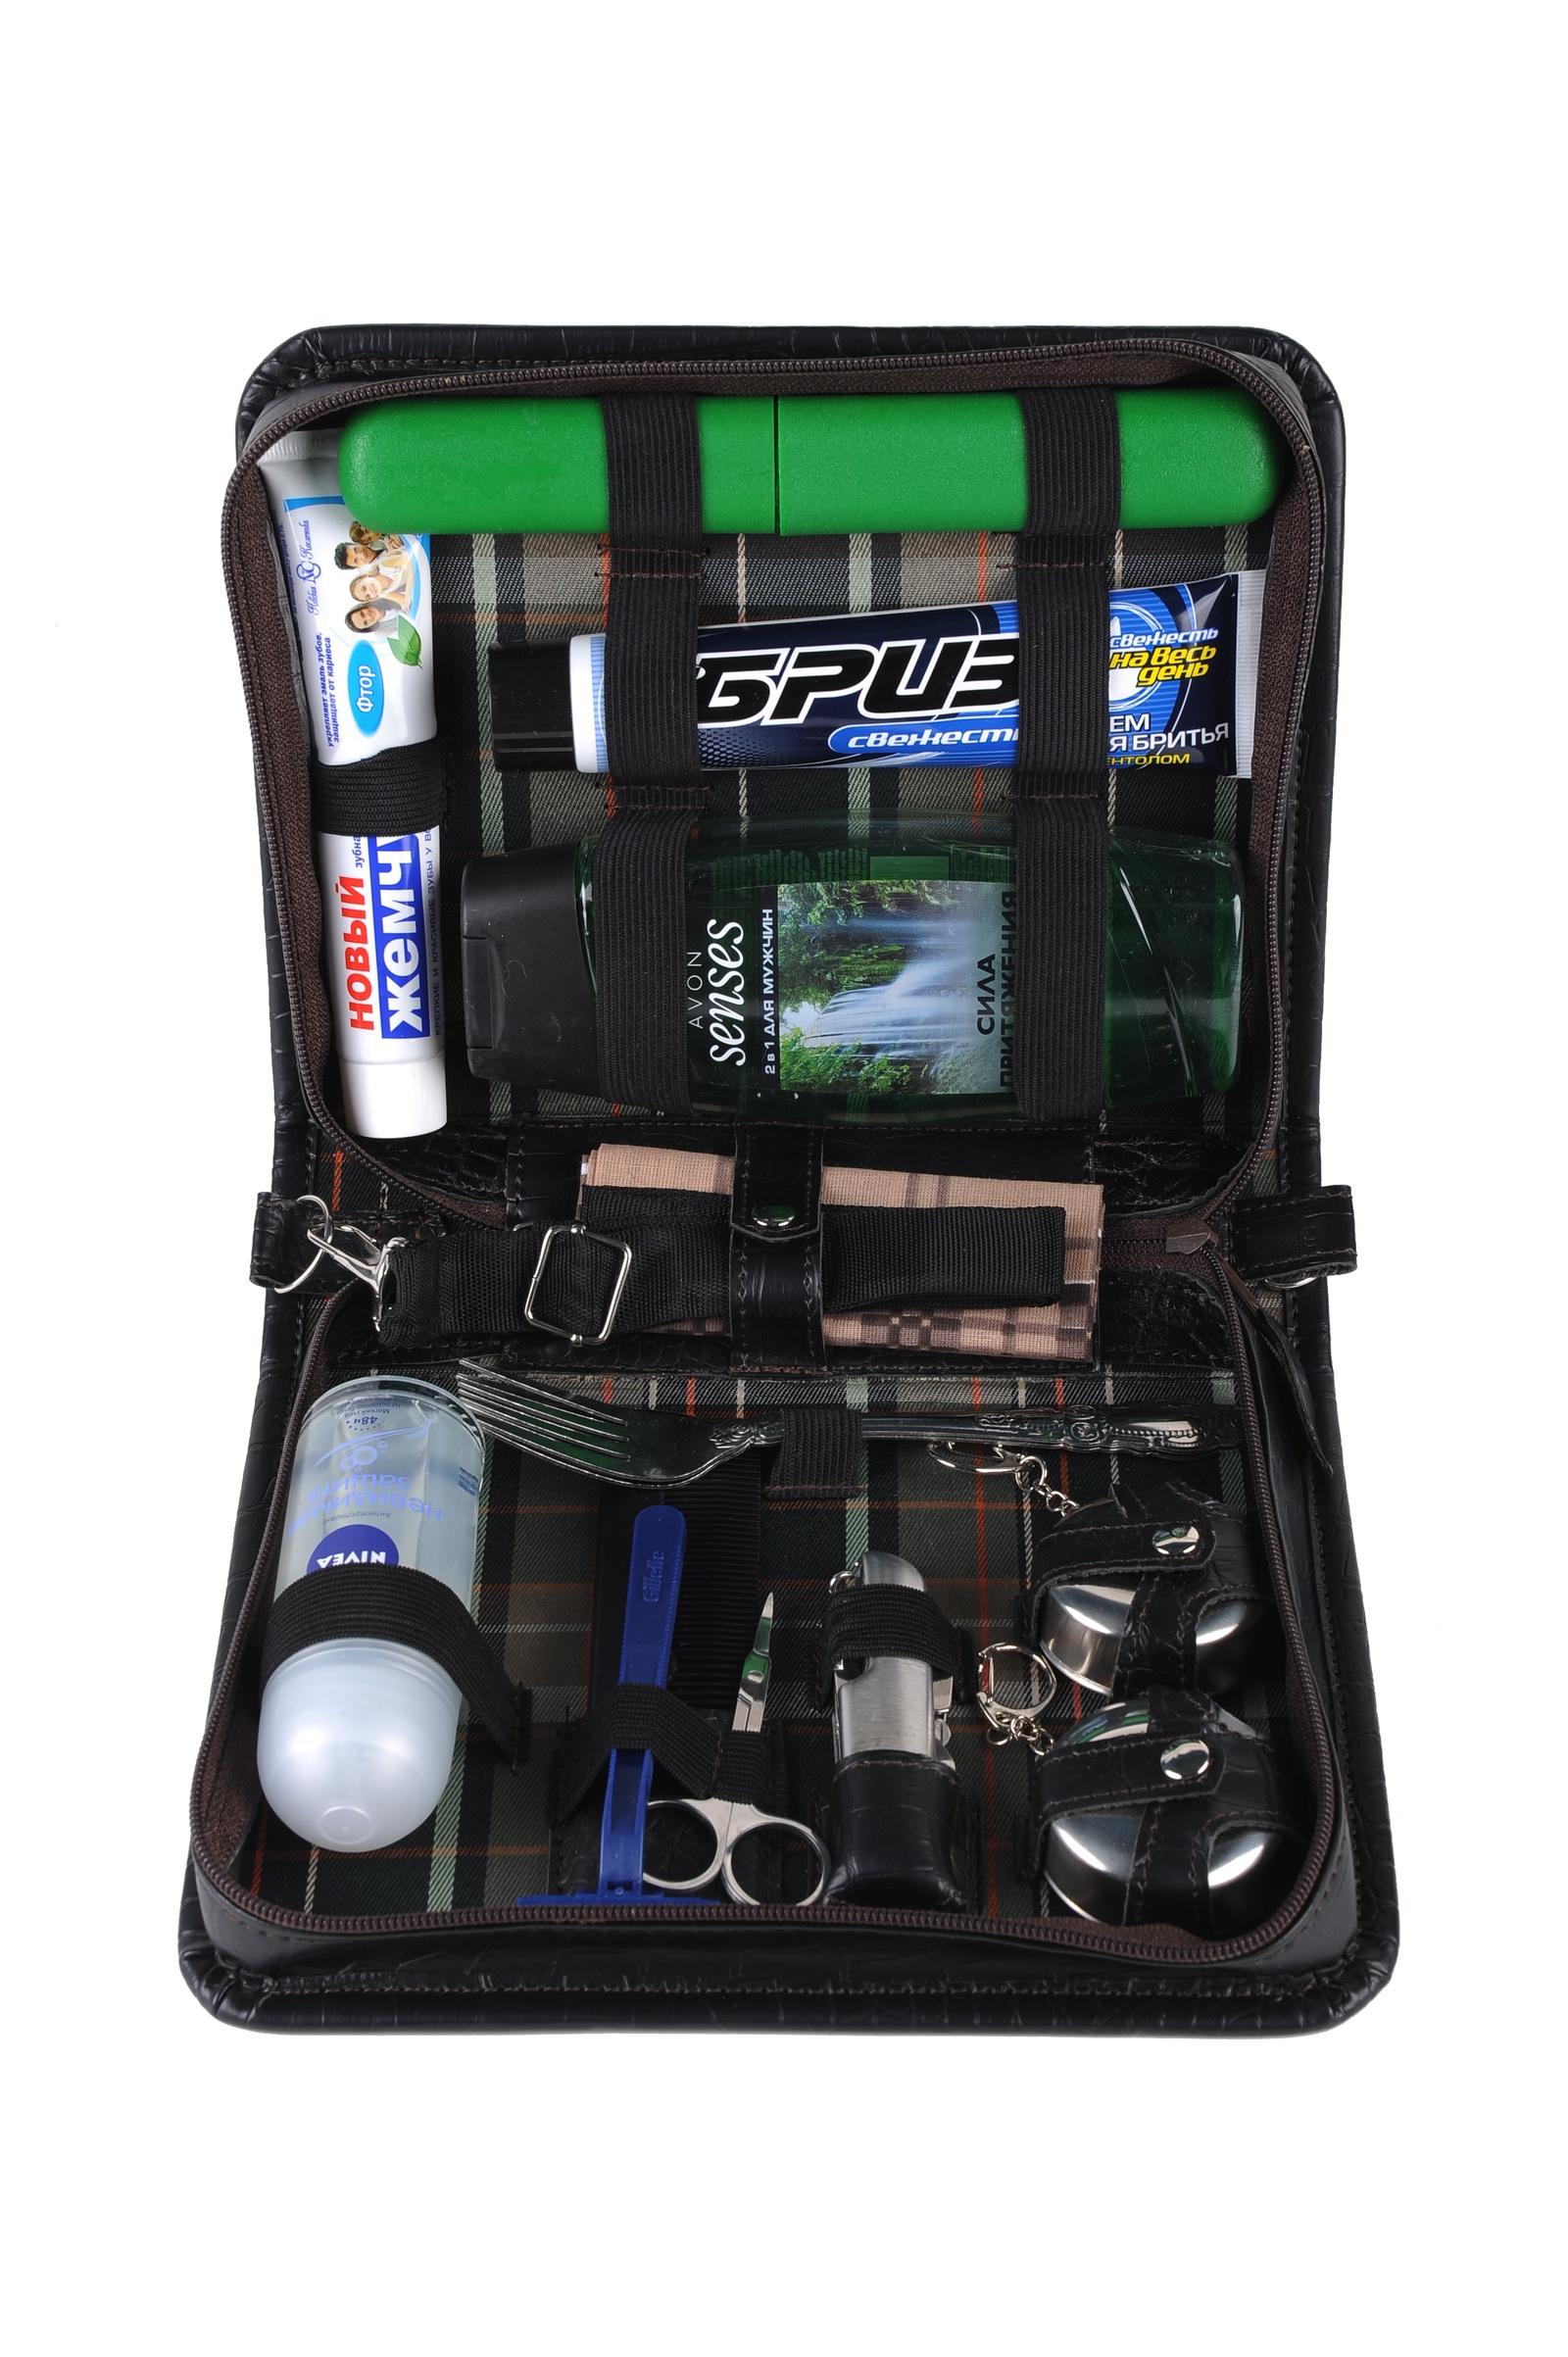 Набор инвентаря Мастер Дизайн 412, 412, коричневый набор дорожный мыльница зубная щетка и футляр мультидом tl34 93 в ассортименте